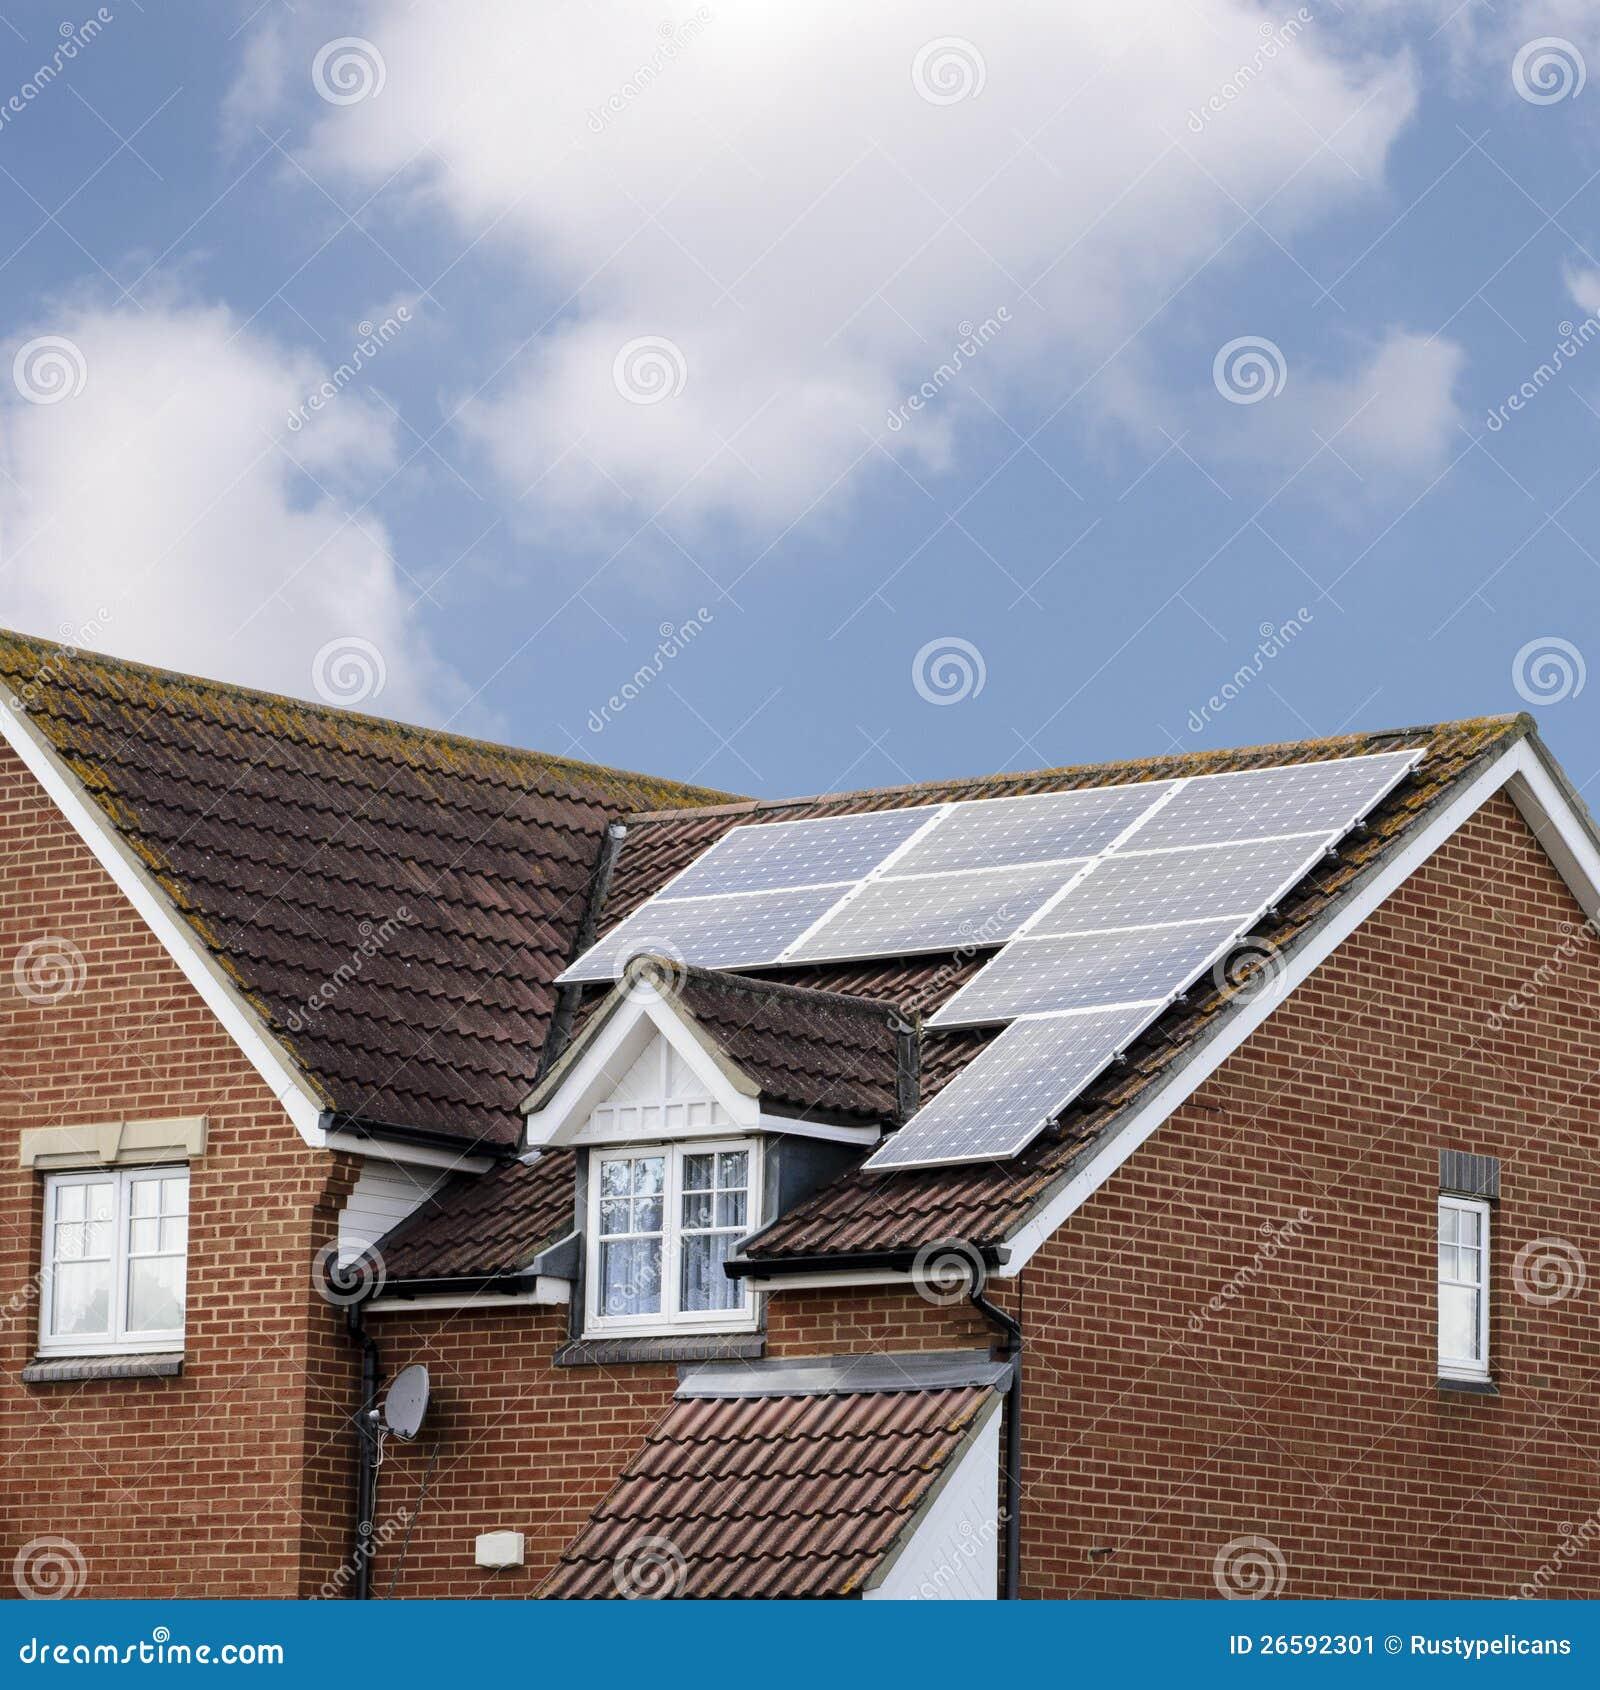 sonnenkollektoren auf haus dach stockbild bild 26592301. Black Bedroom Furniture Sets. Home Design Ideas